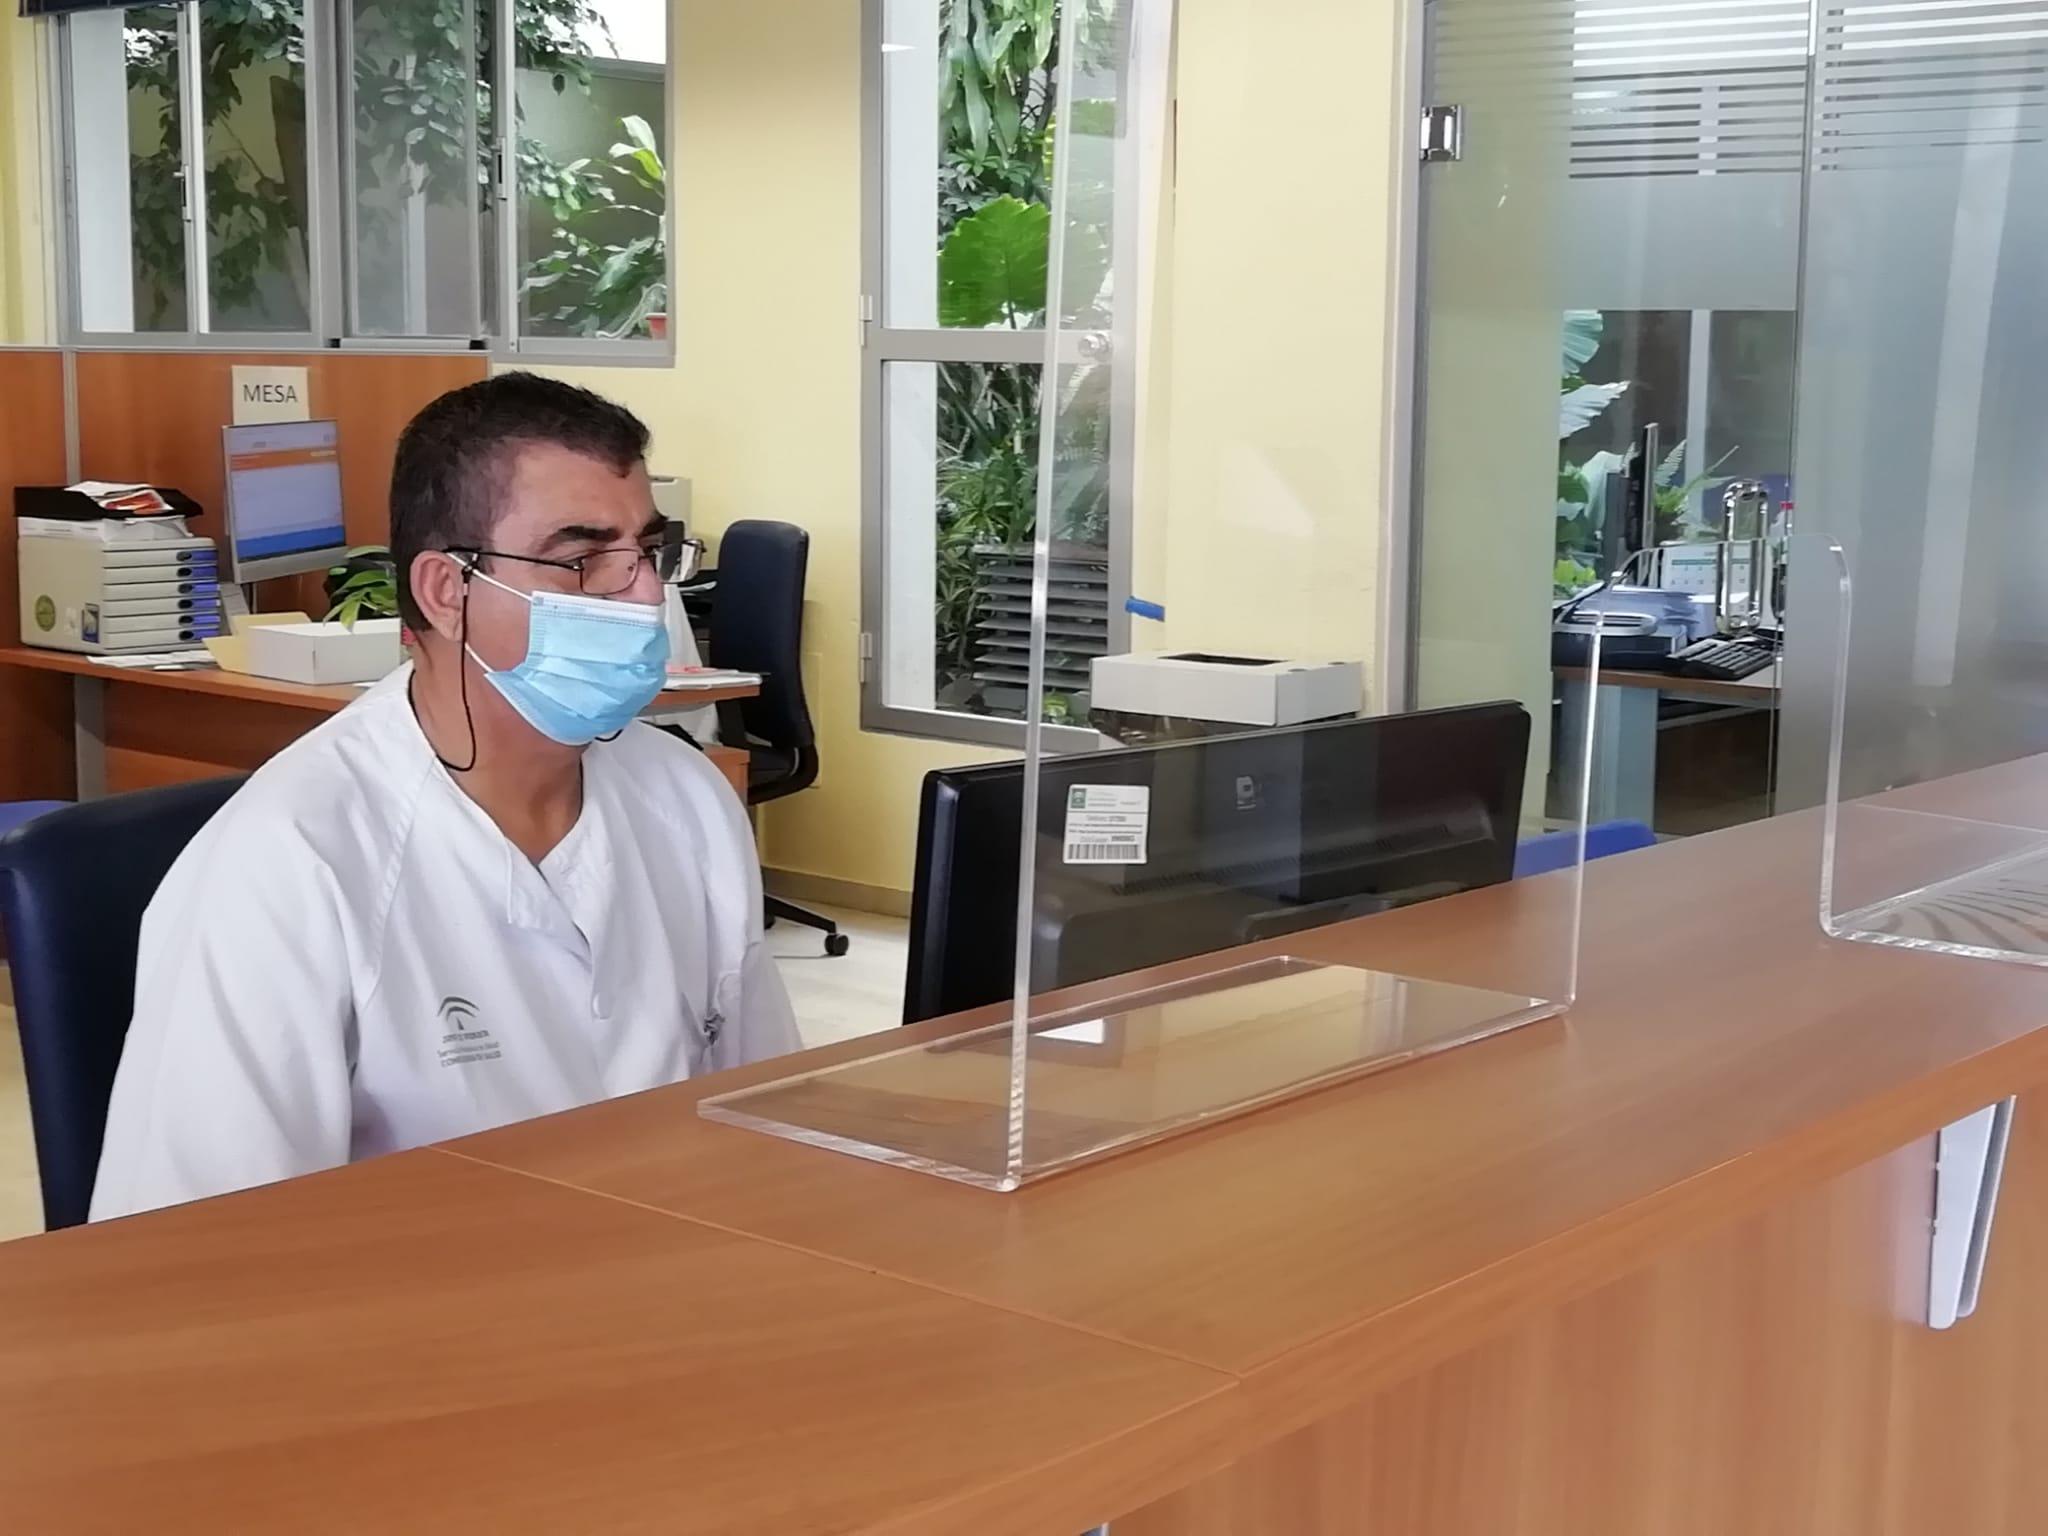 La Asociación de Intérpretes Voluntarios para la Salud de la Axarquía realizó durante el primer semestre de este año 3.494 actuaciones en el Área Sanitaria Málaga-Axarquía